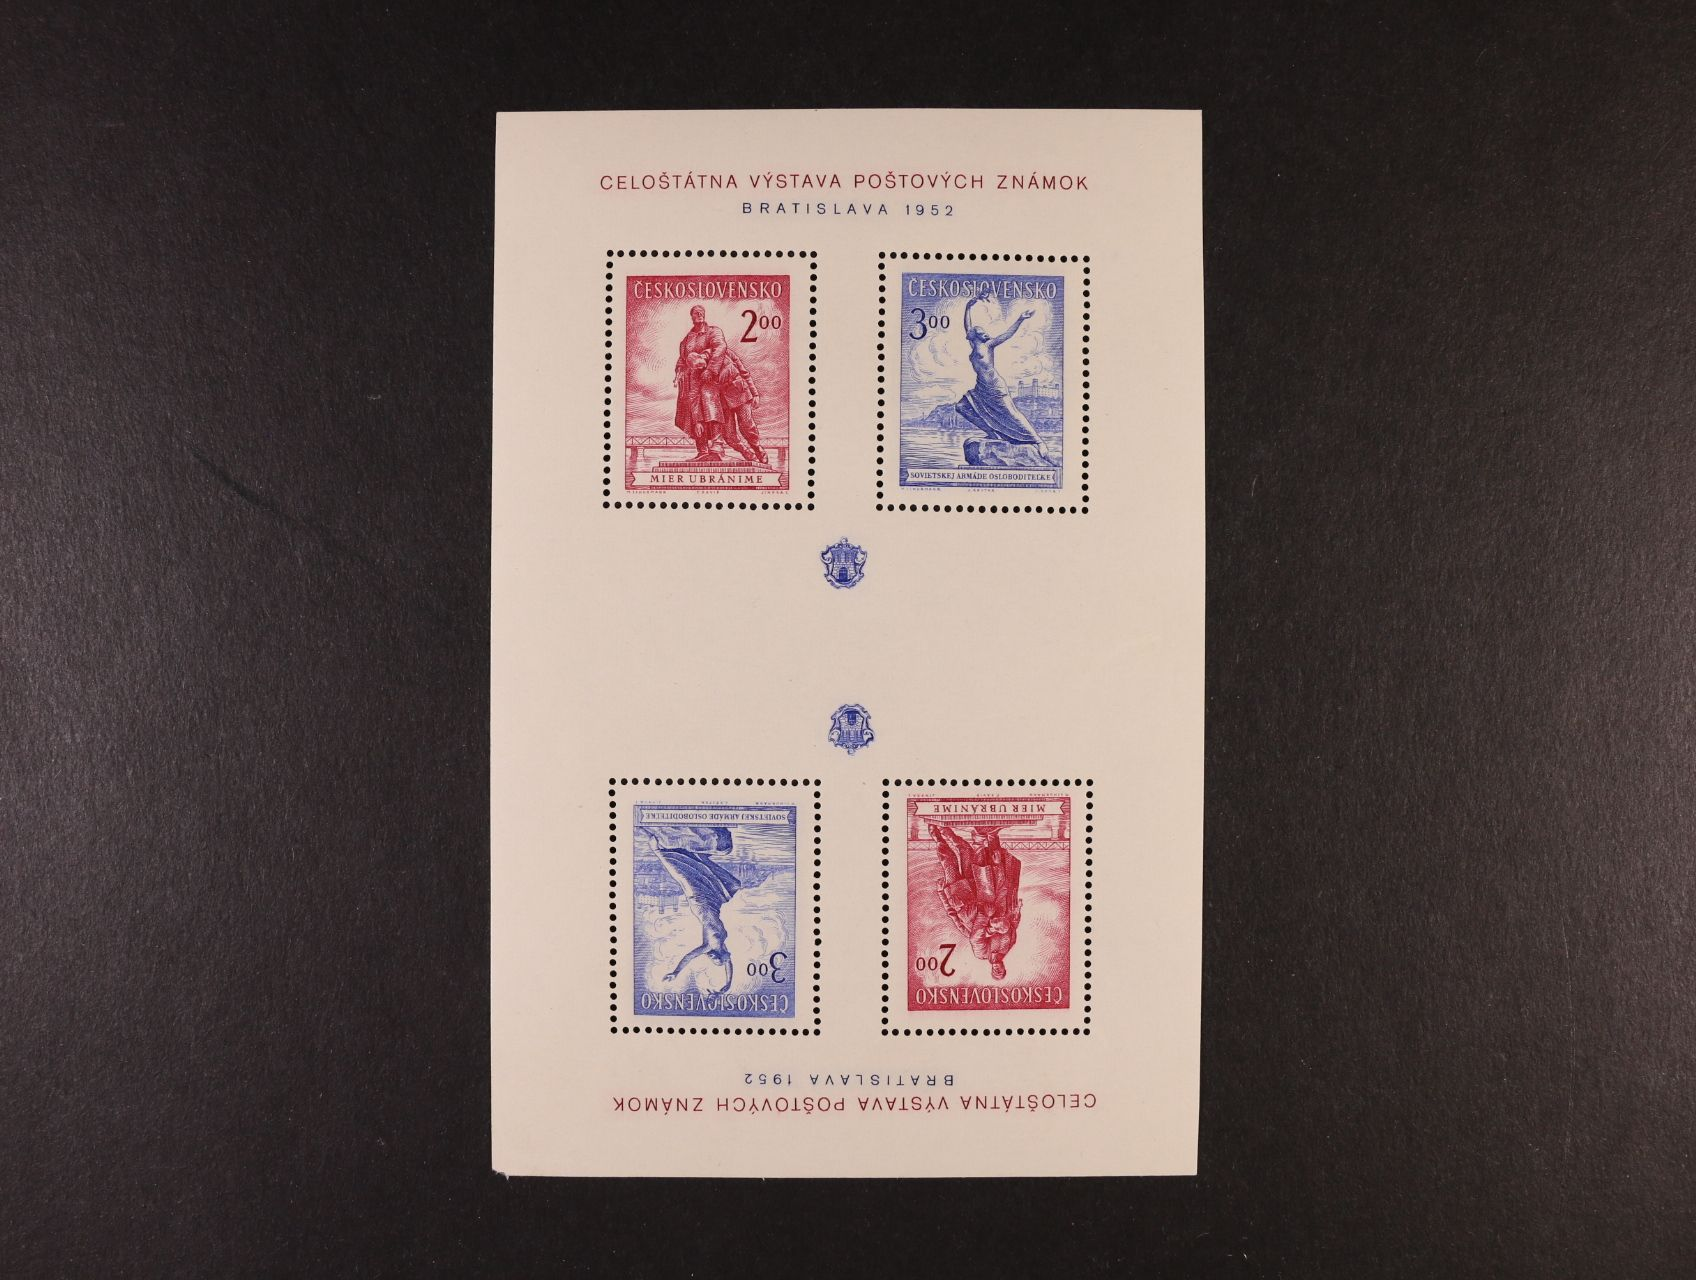 A č. 691 - 2 ve dvojici z nerozříznutých TL, s kompletním tiskem obou aršíků